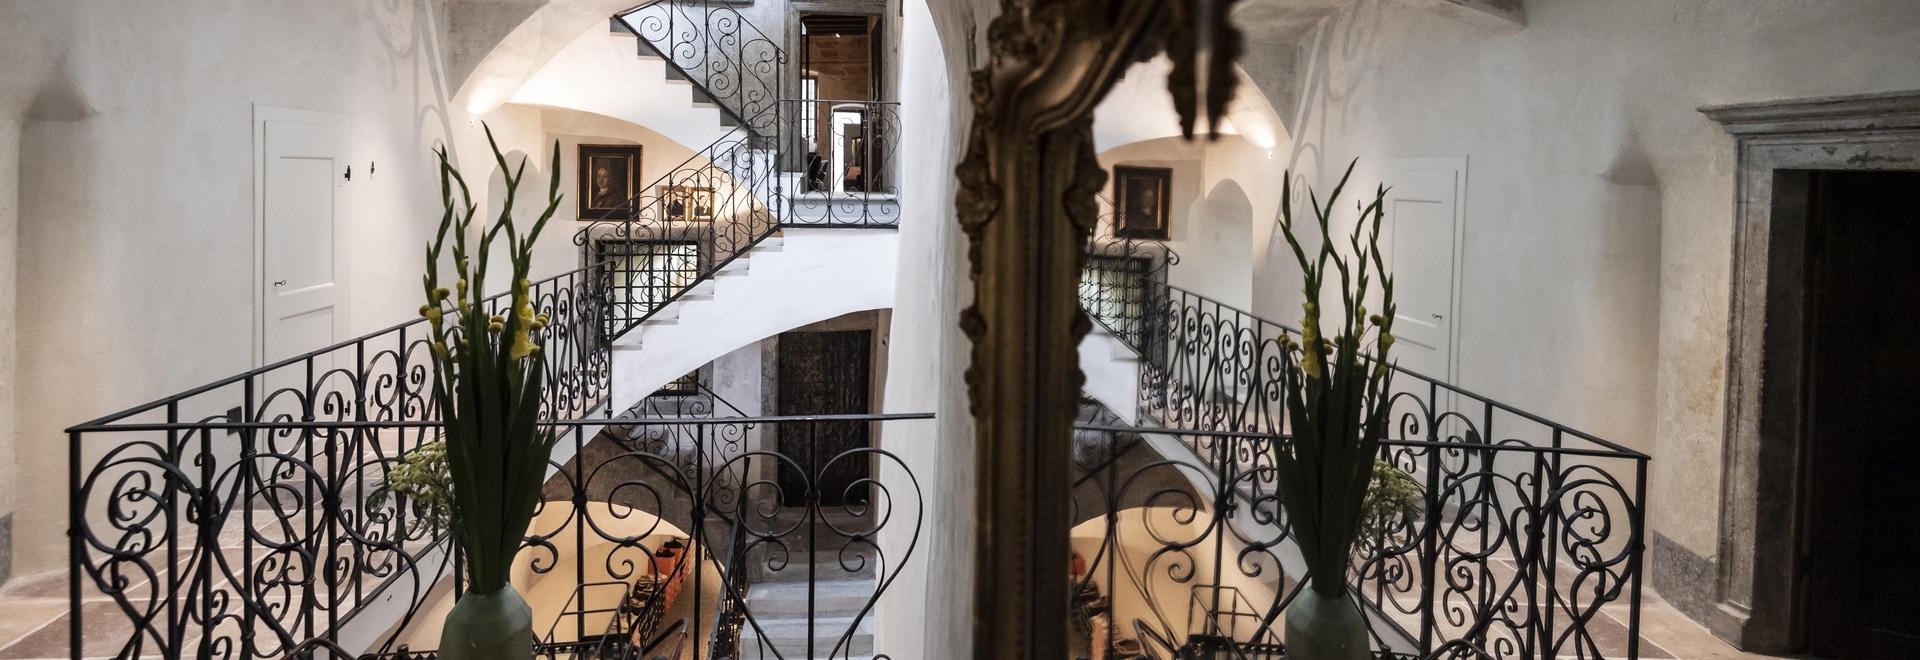 Ritmonio tippt auf das Goldenstern Townhouse, ein Juwel der Gastfreundschaft im Zentrum von Bozen.